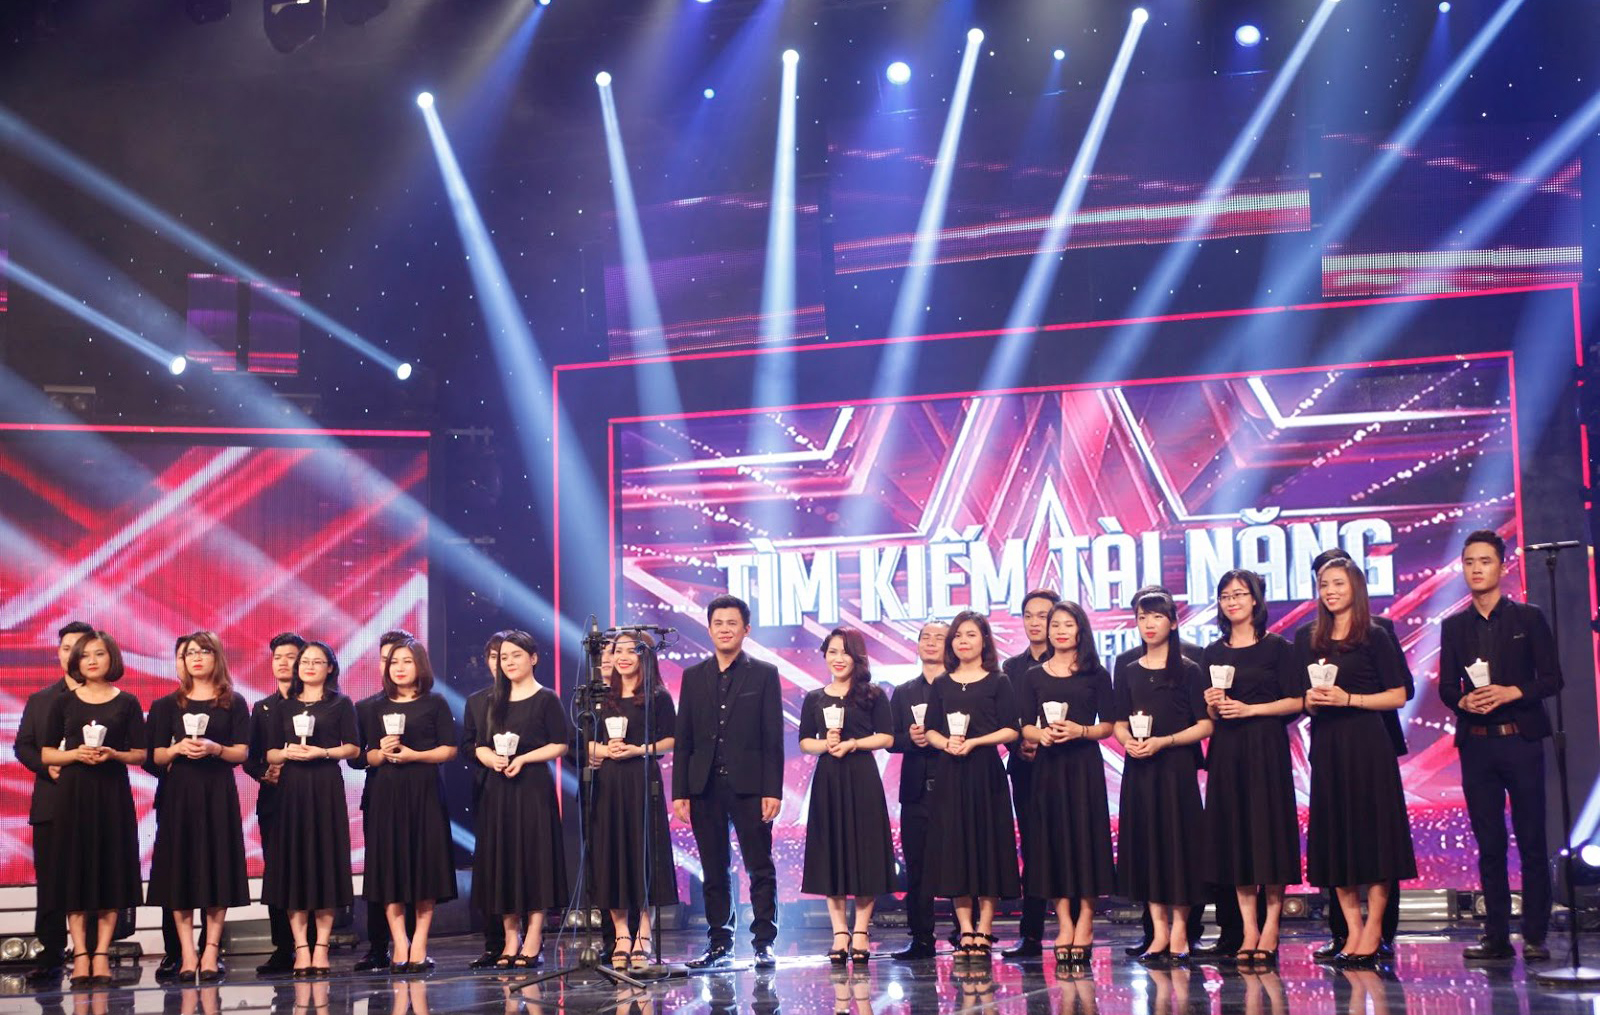 Mang Thánh Ca lên truyền hình Việt Nam